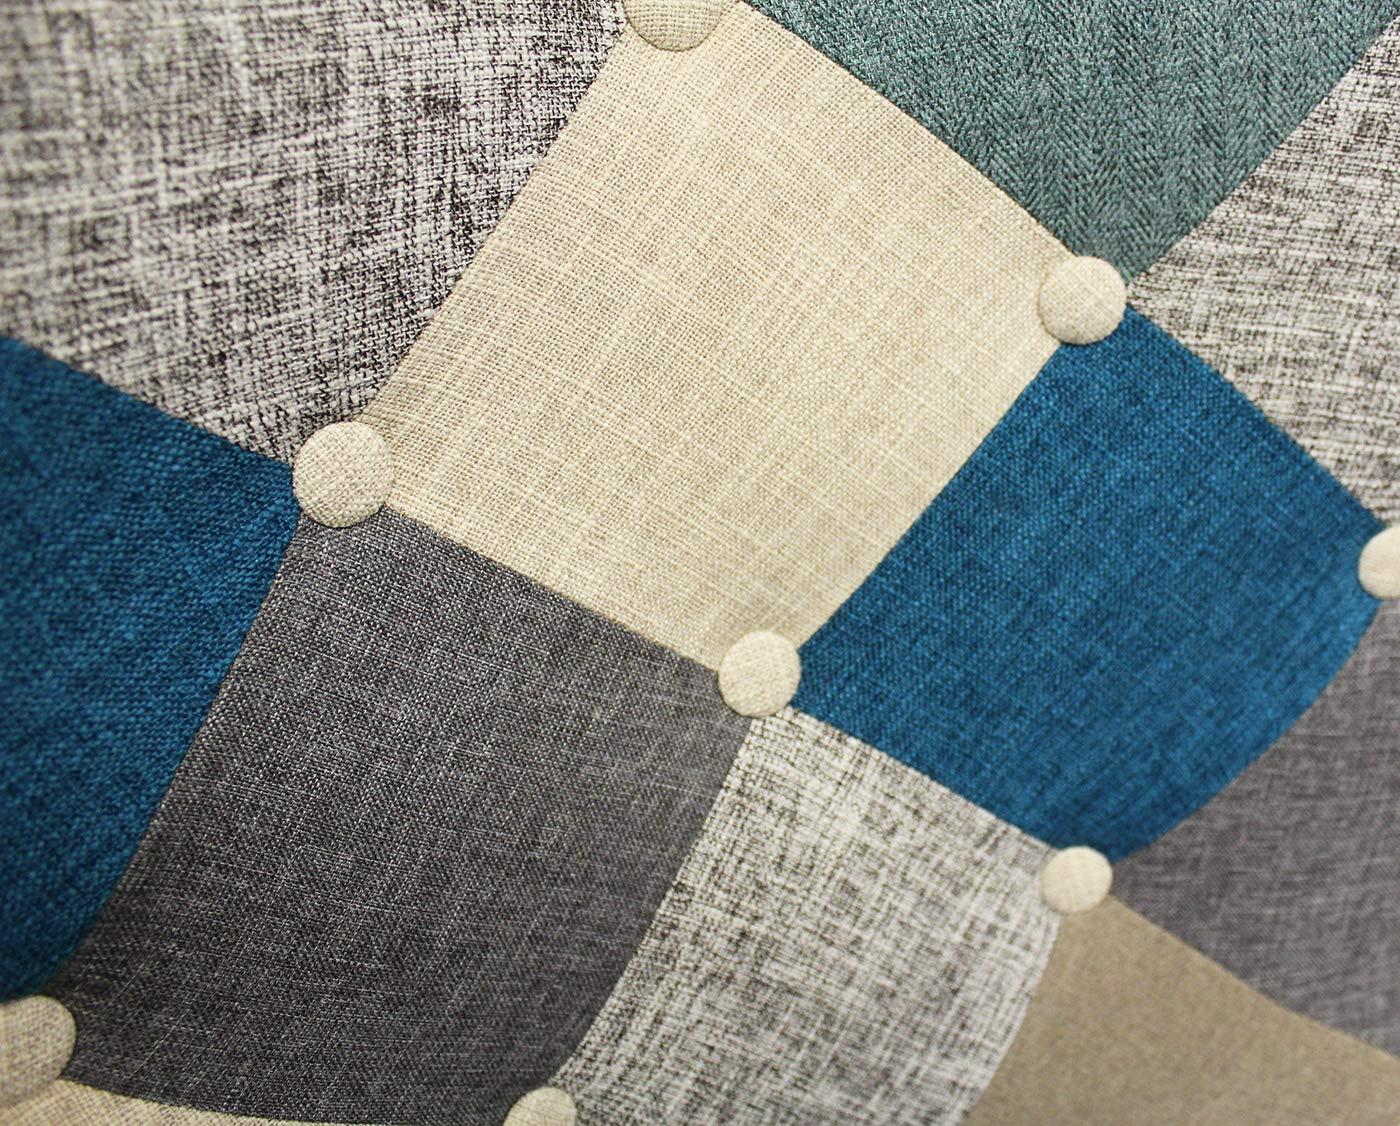 Meubletmoi Fauteuil Patchwork Scandinave Tissus chin/é Bleu Beige Gris Pearl d/écoration Vintage Cosy